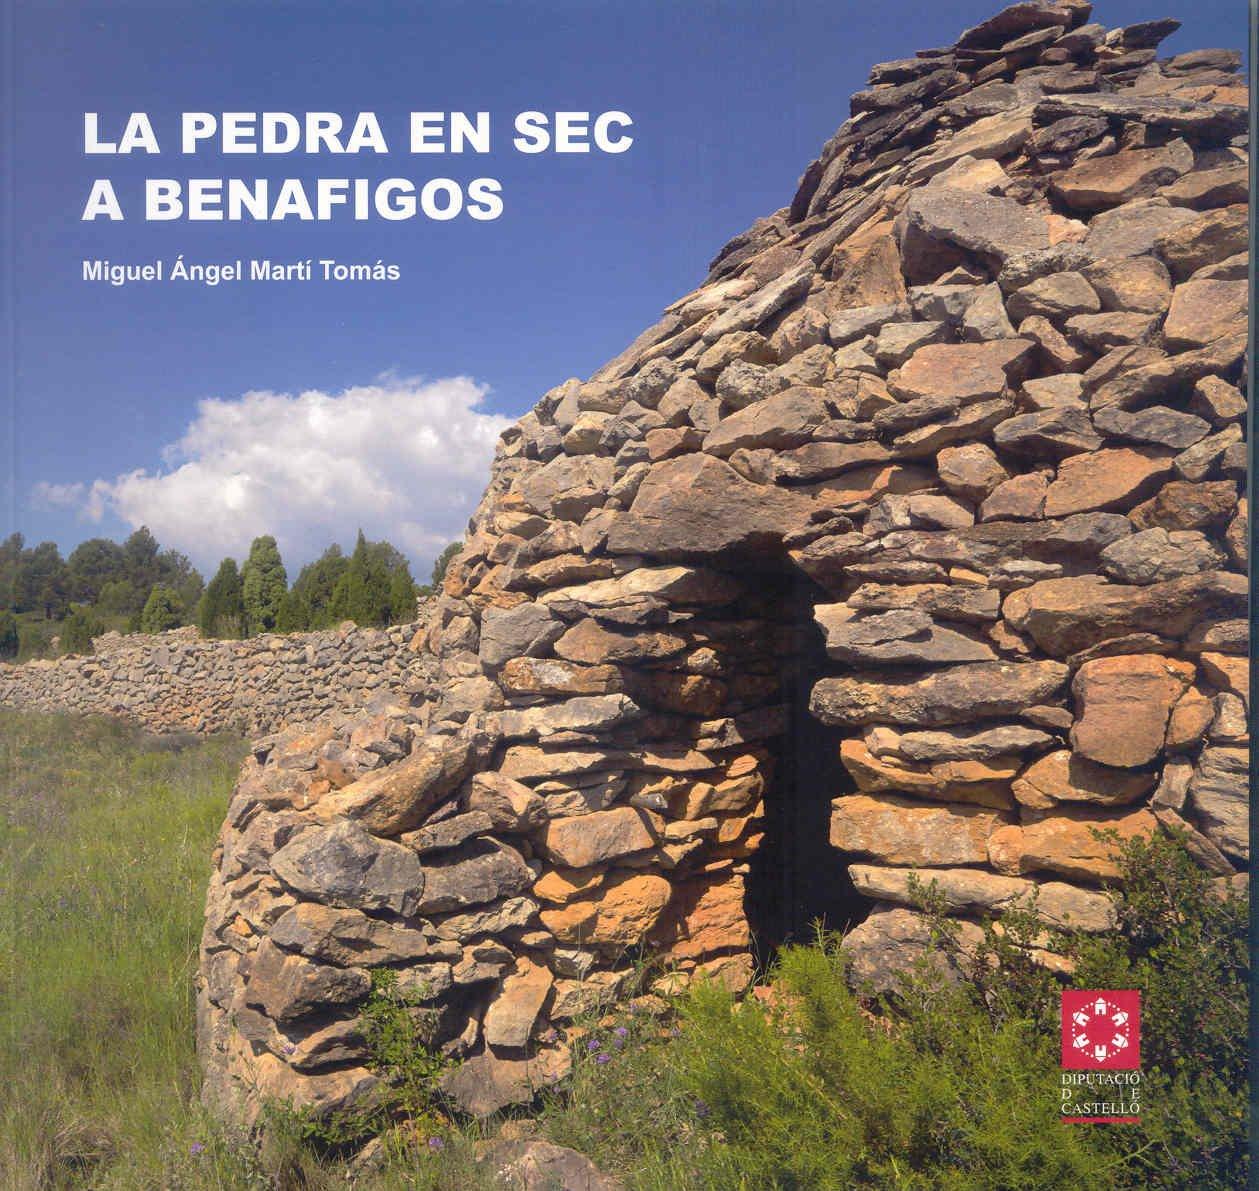 LA PEDRA EN SEC A BENAFIGOS (Varia): Amazon.es: MIGUEL ANGEL MARTÍ TOMÁS: Libros